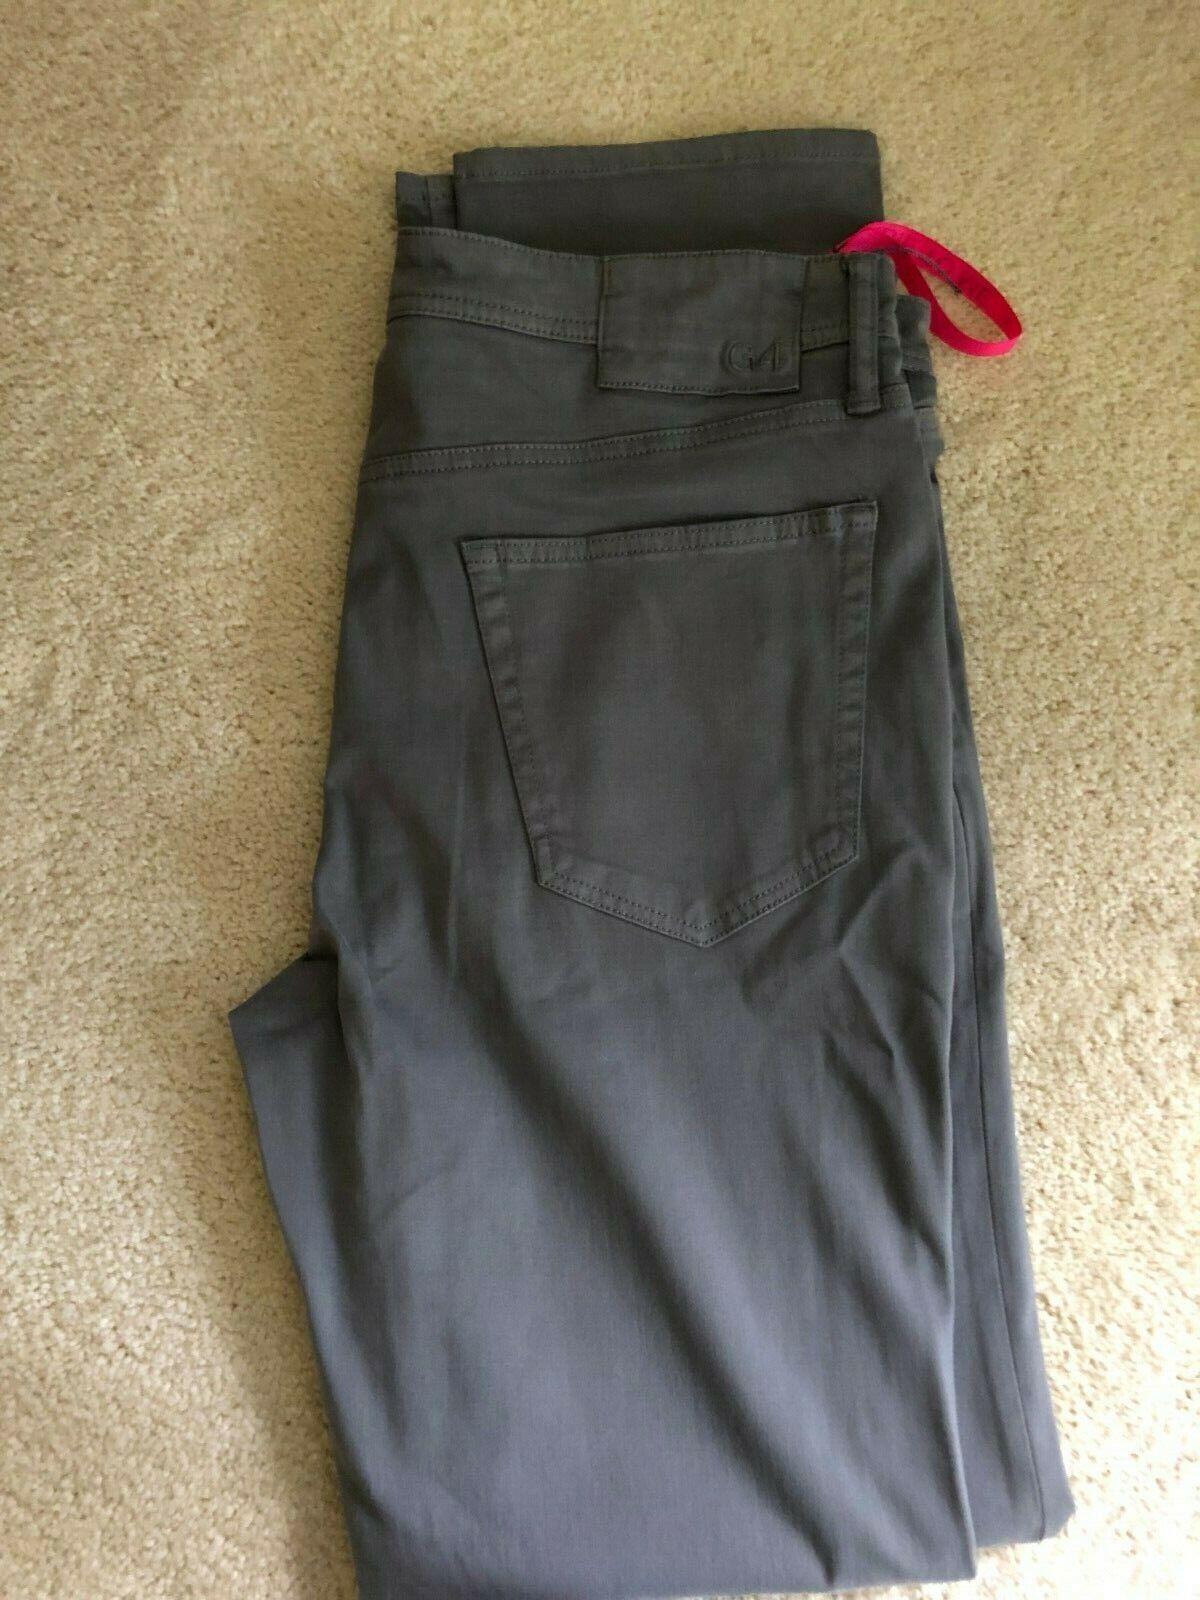 G Fore Cinq Poche-Pantalon anthracite Neuf avec étiquettes 40x32